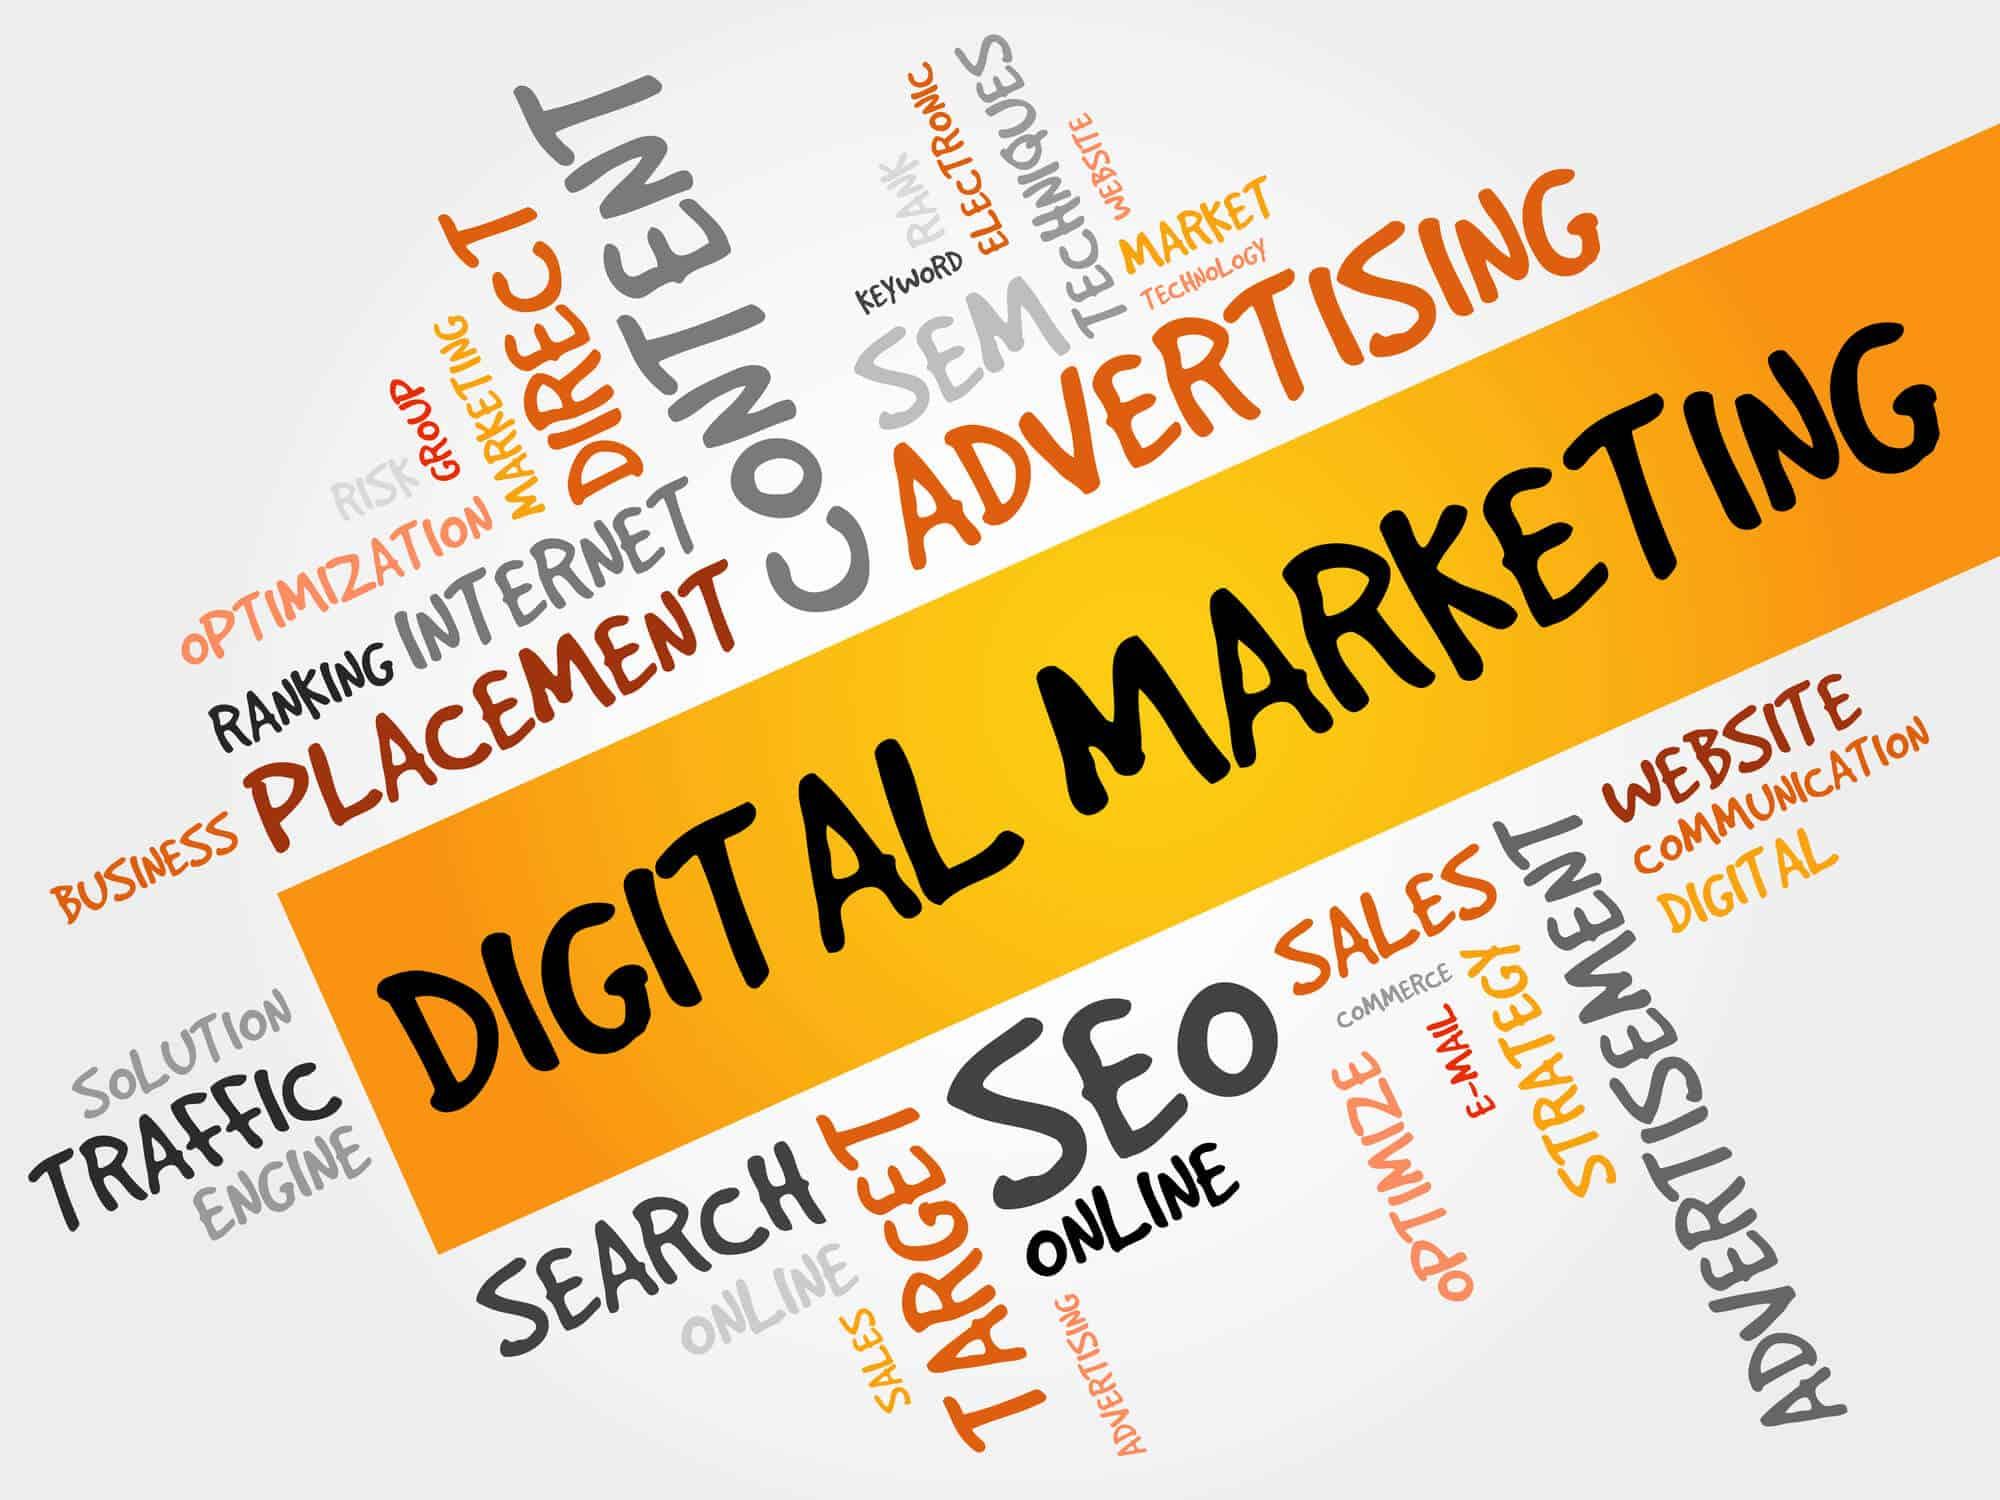 Digital Marketing & Web Design Agency in Colorado